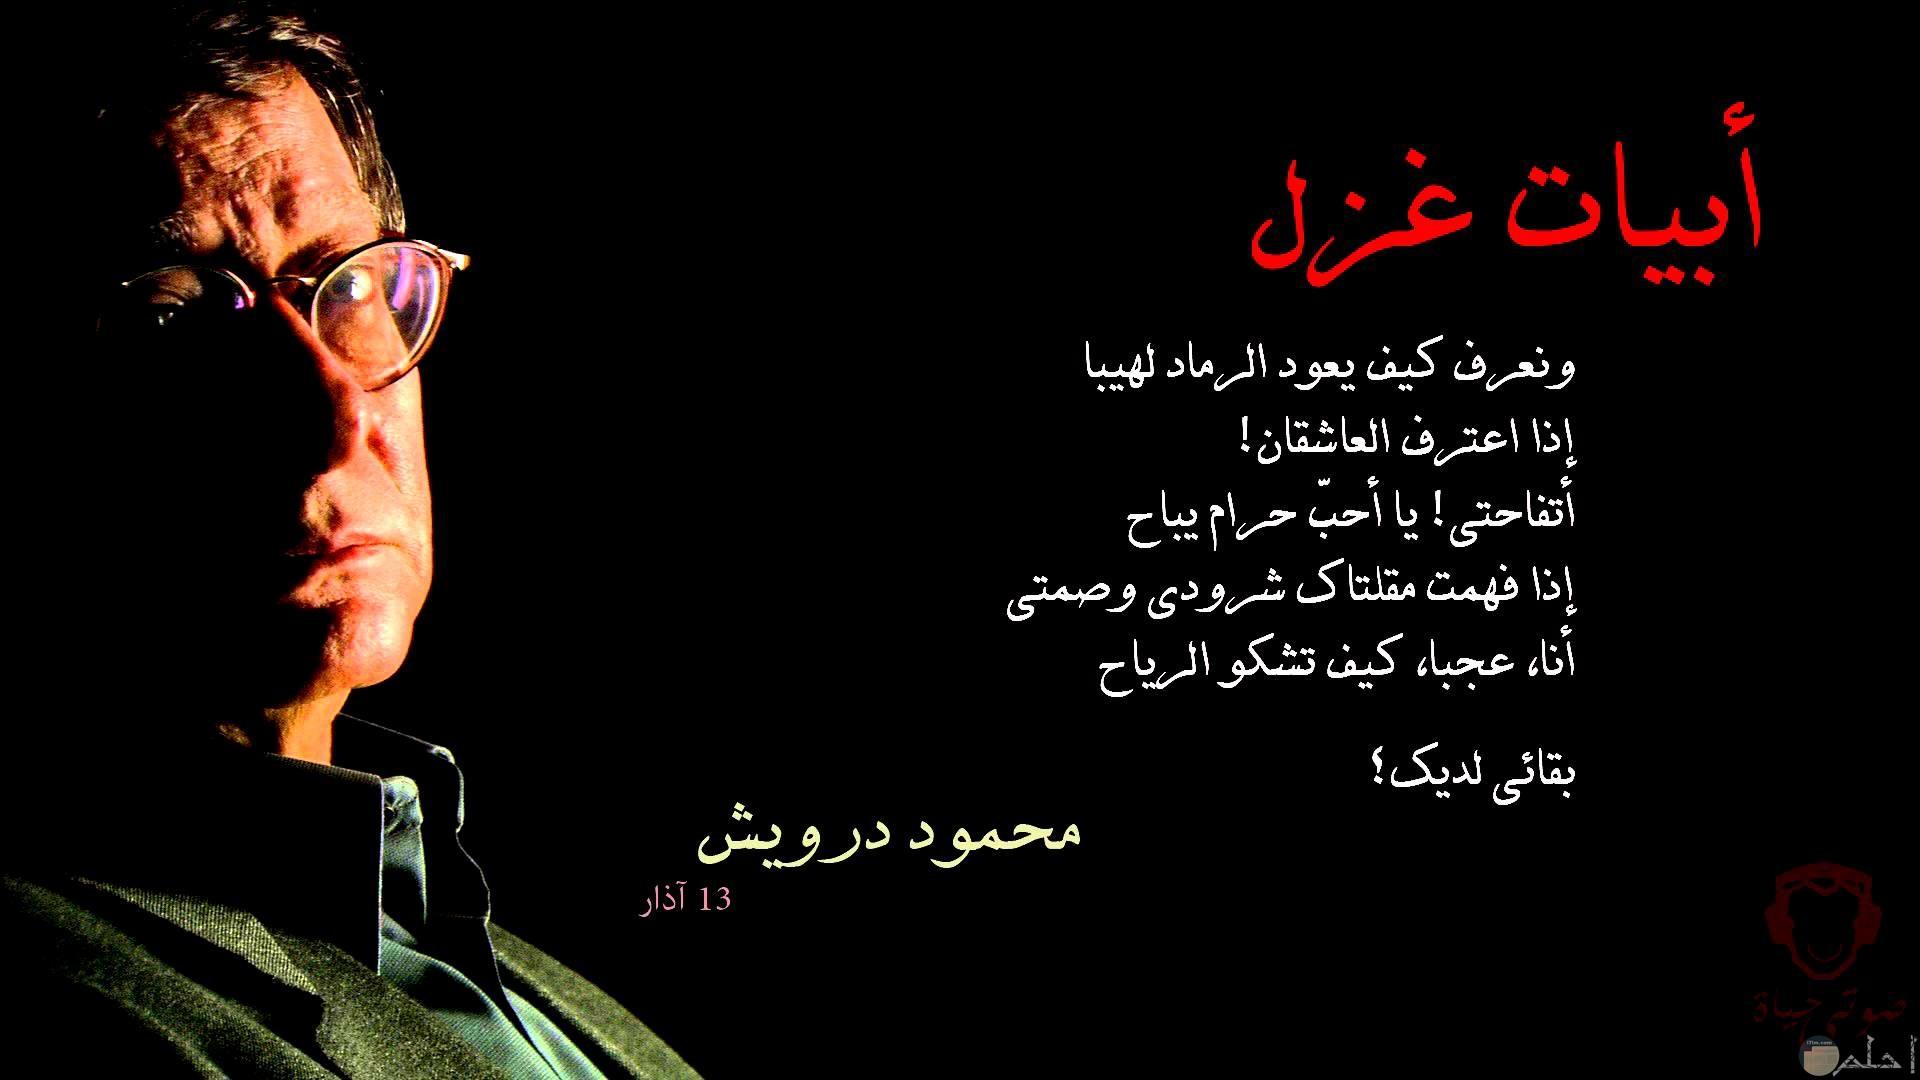 أجمل أبيات الغزل للشاعر محمود درويش.